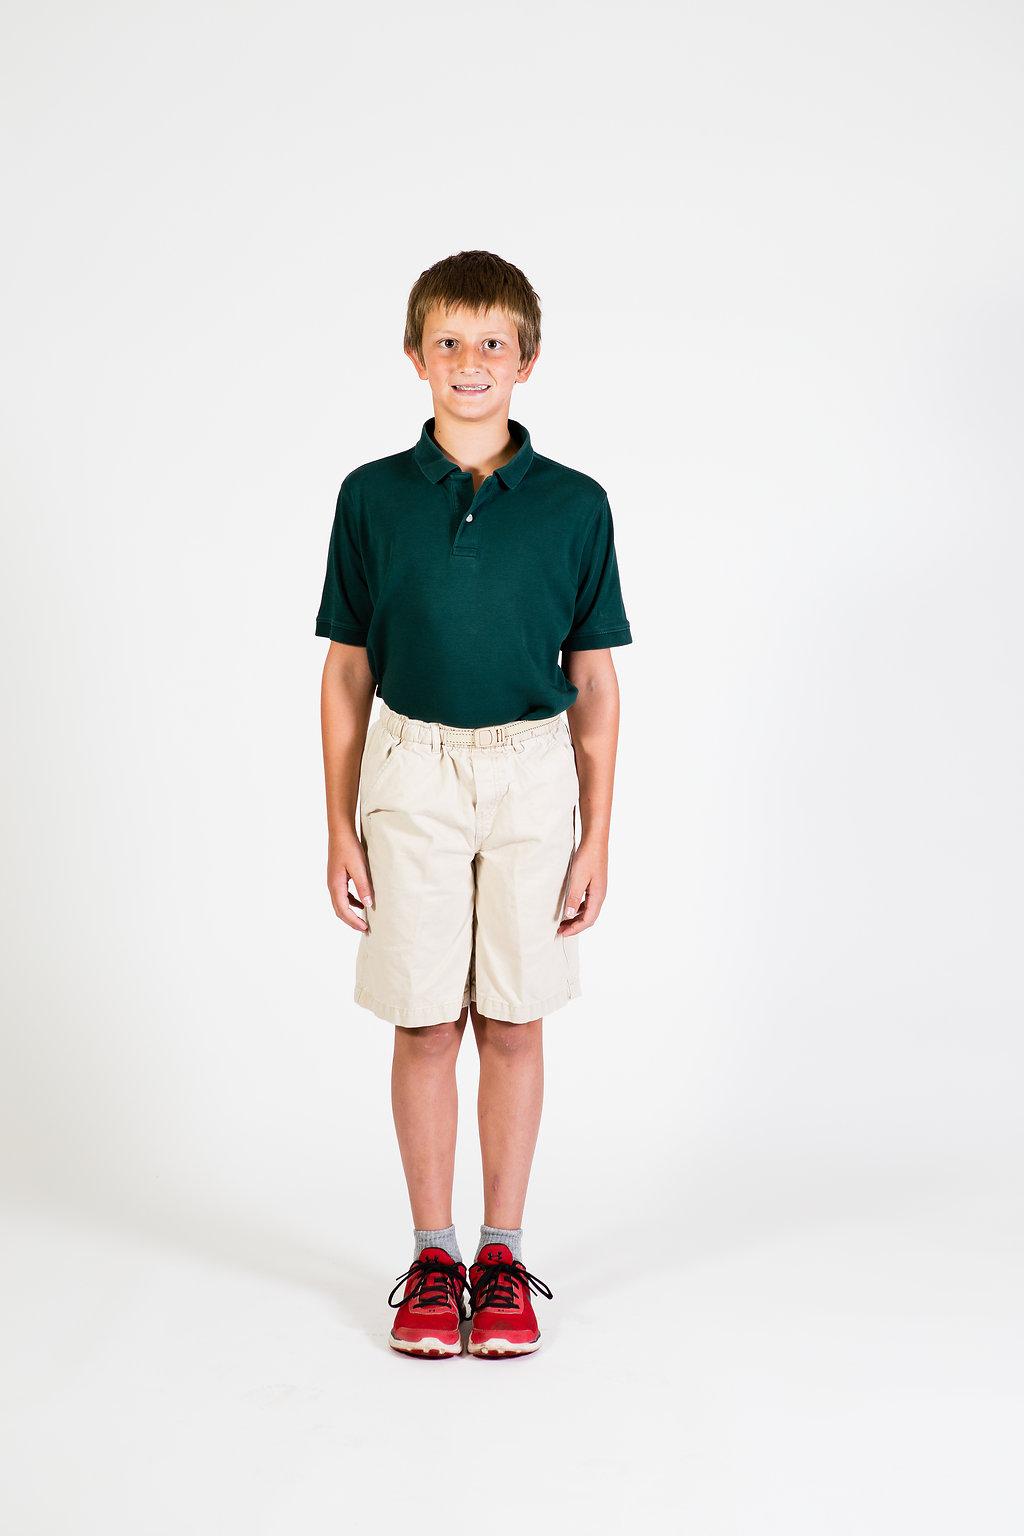 16JuneWCA_Uniforms039.jpg